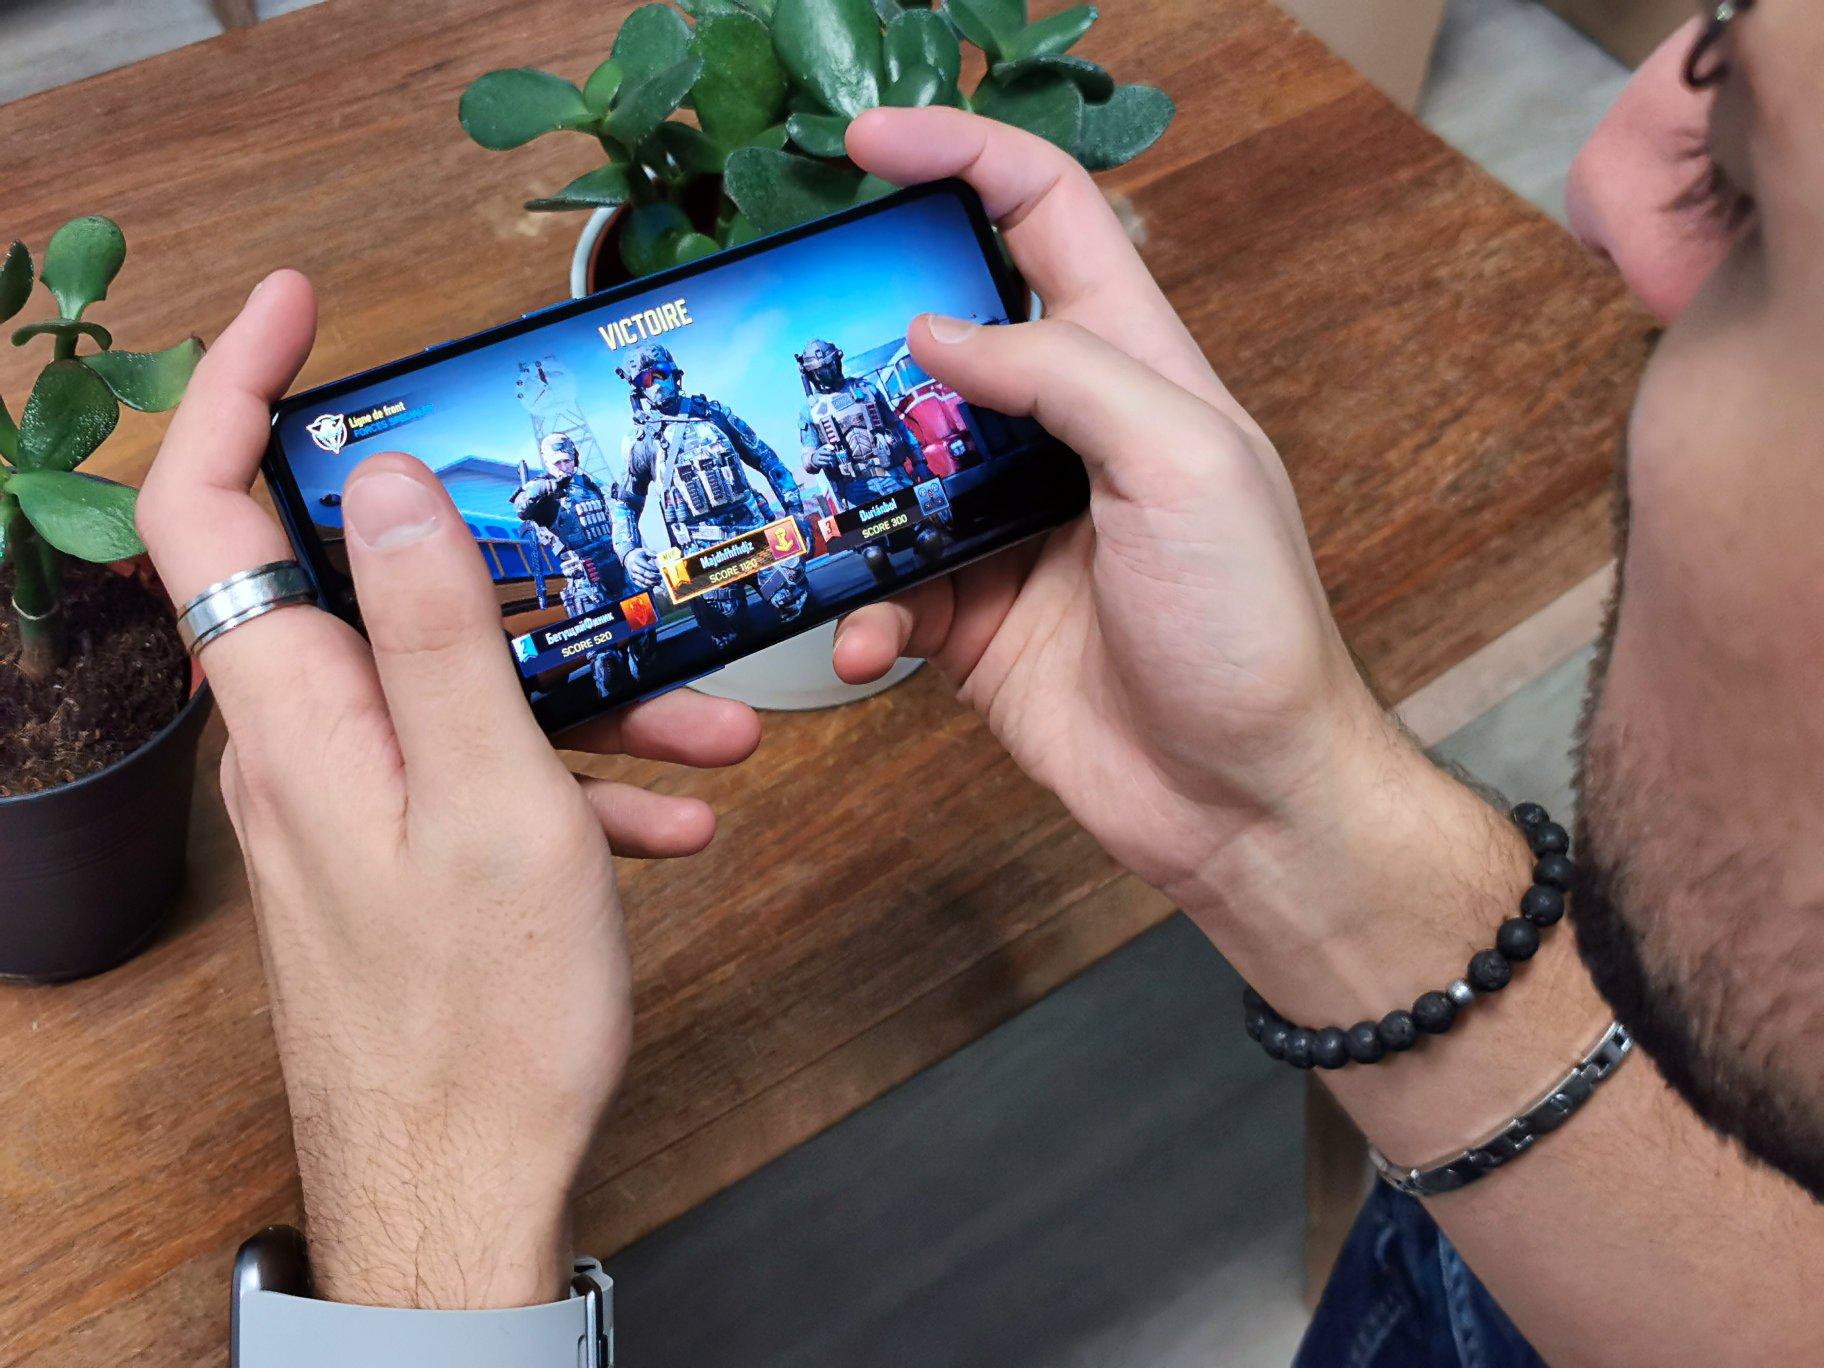 Les Meilleurs Fps Et Tps (Jeux De Tir) Sur Android Et Iphone tout Jeux Pour Enfan Gratuit